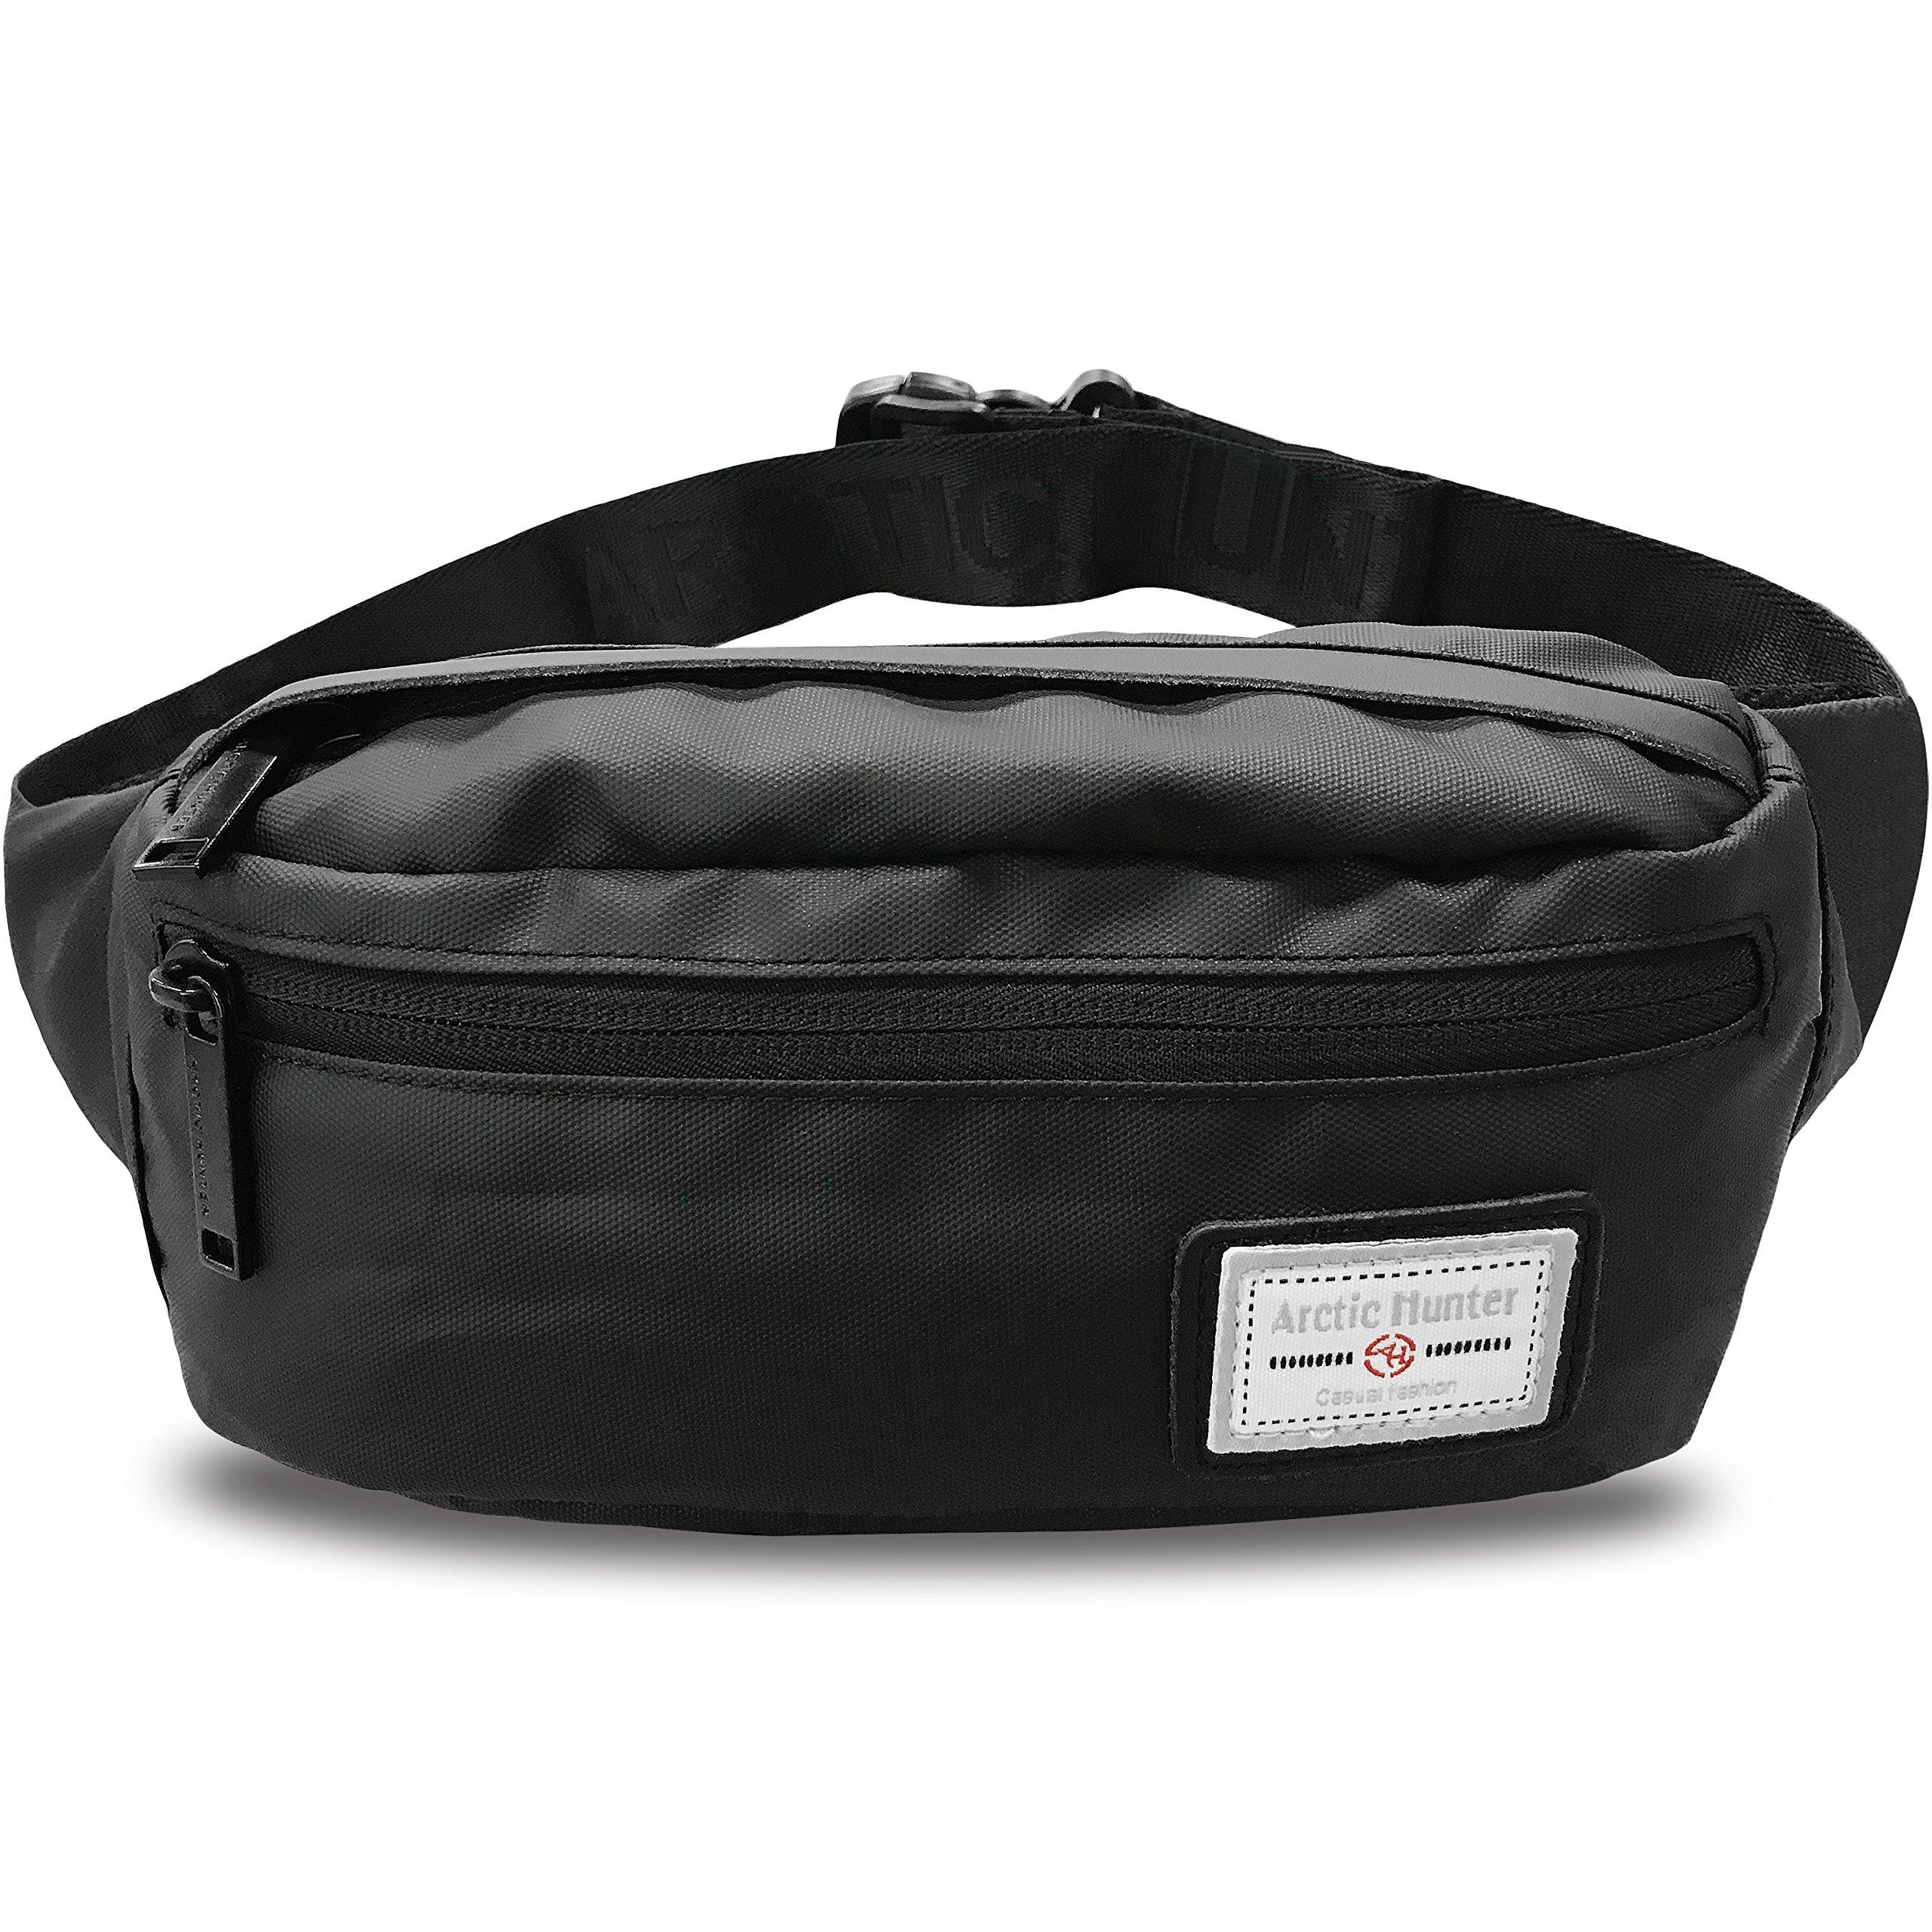 AOHAN Fanny Pack Waist Pack Bag Men Women Waterproof Lightweight Hip Bum Bag Workout Travel Running Hiking Cycling Black